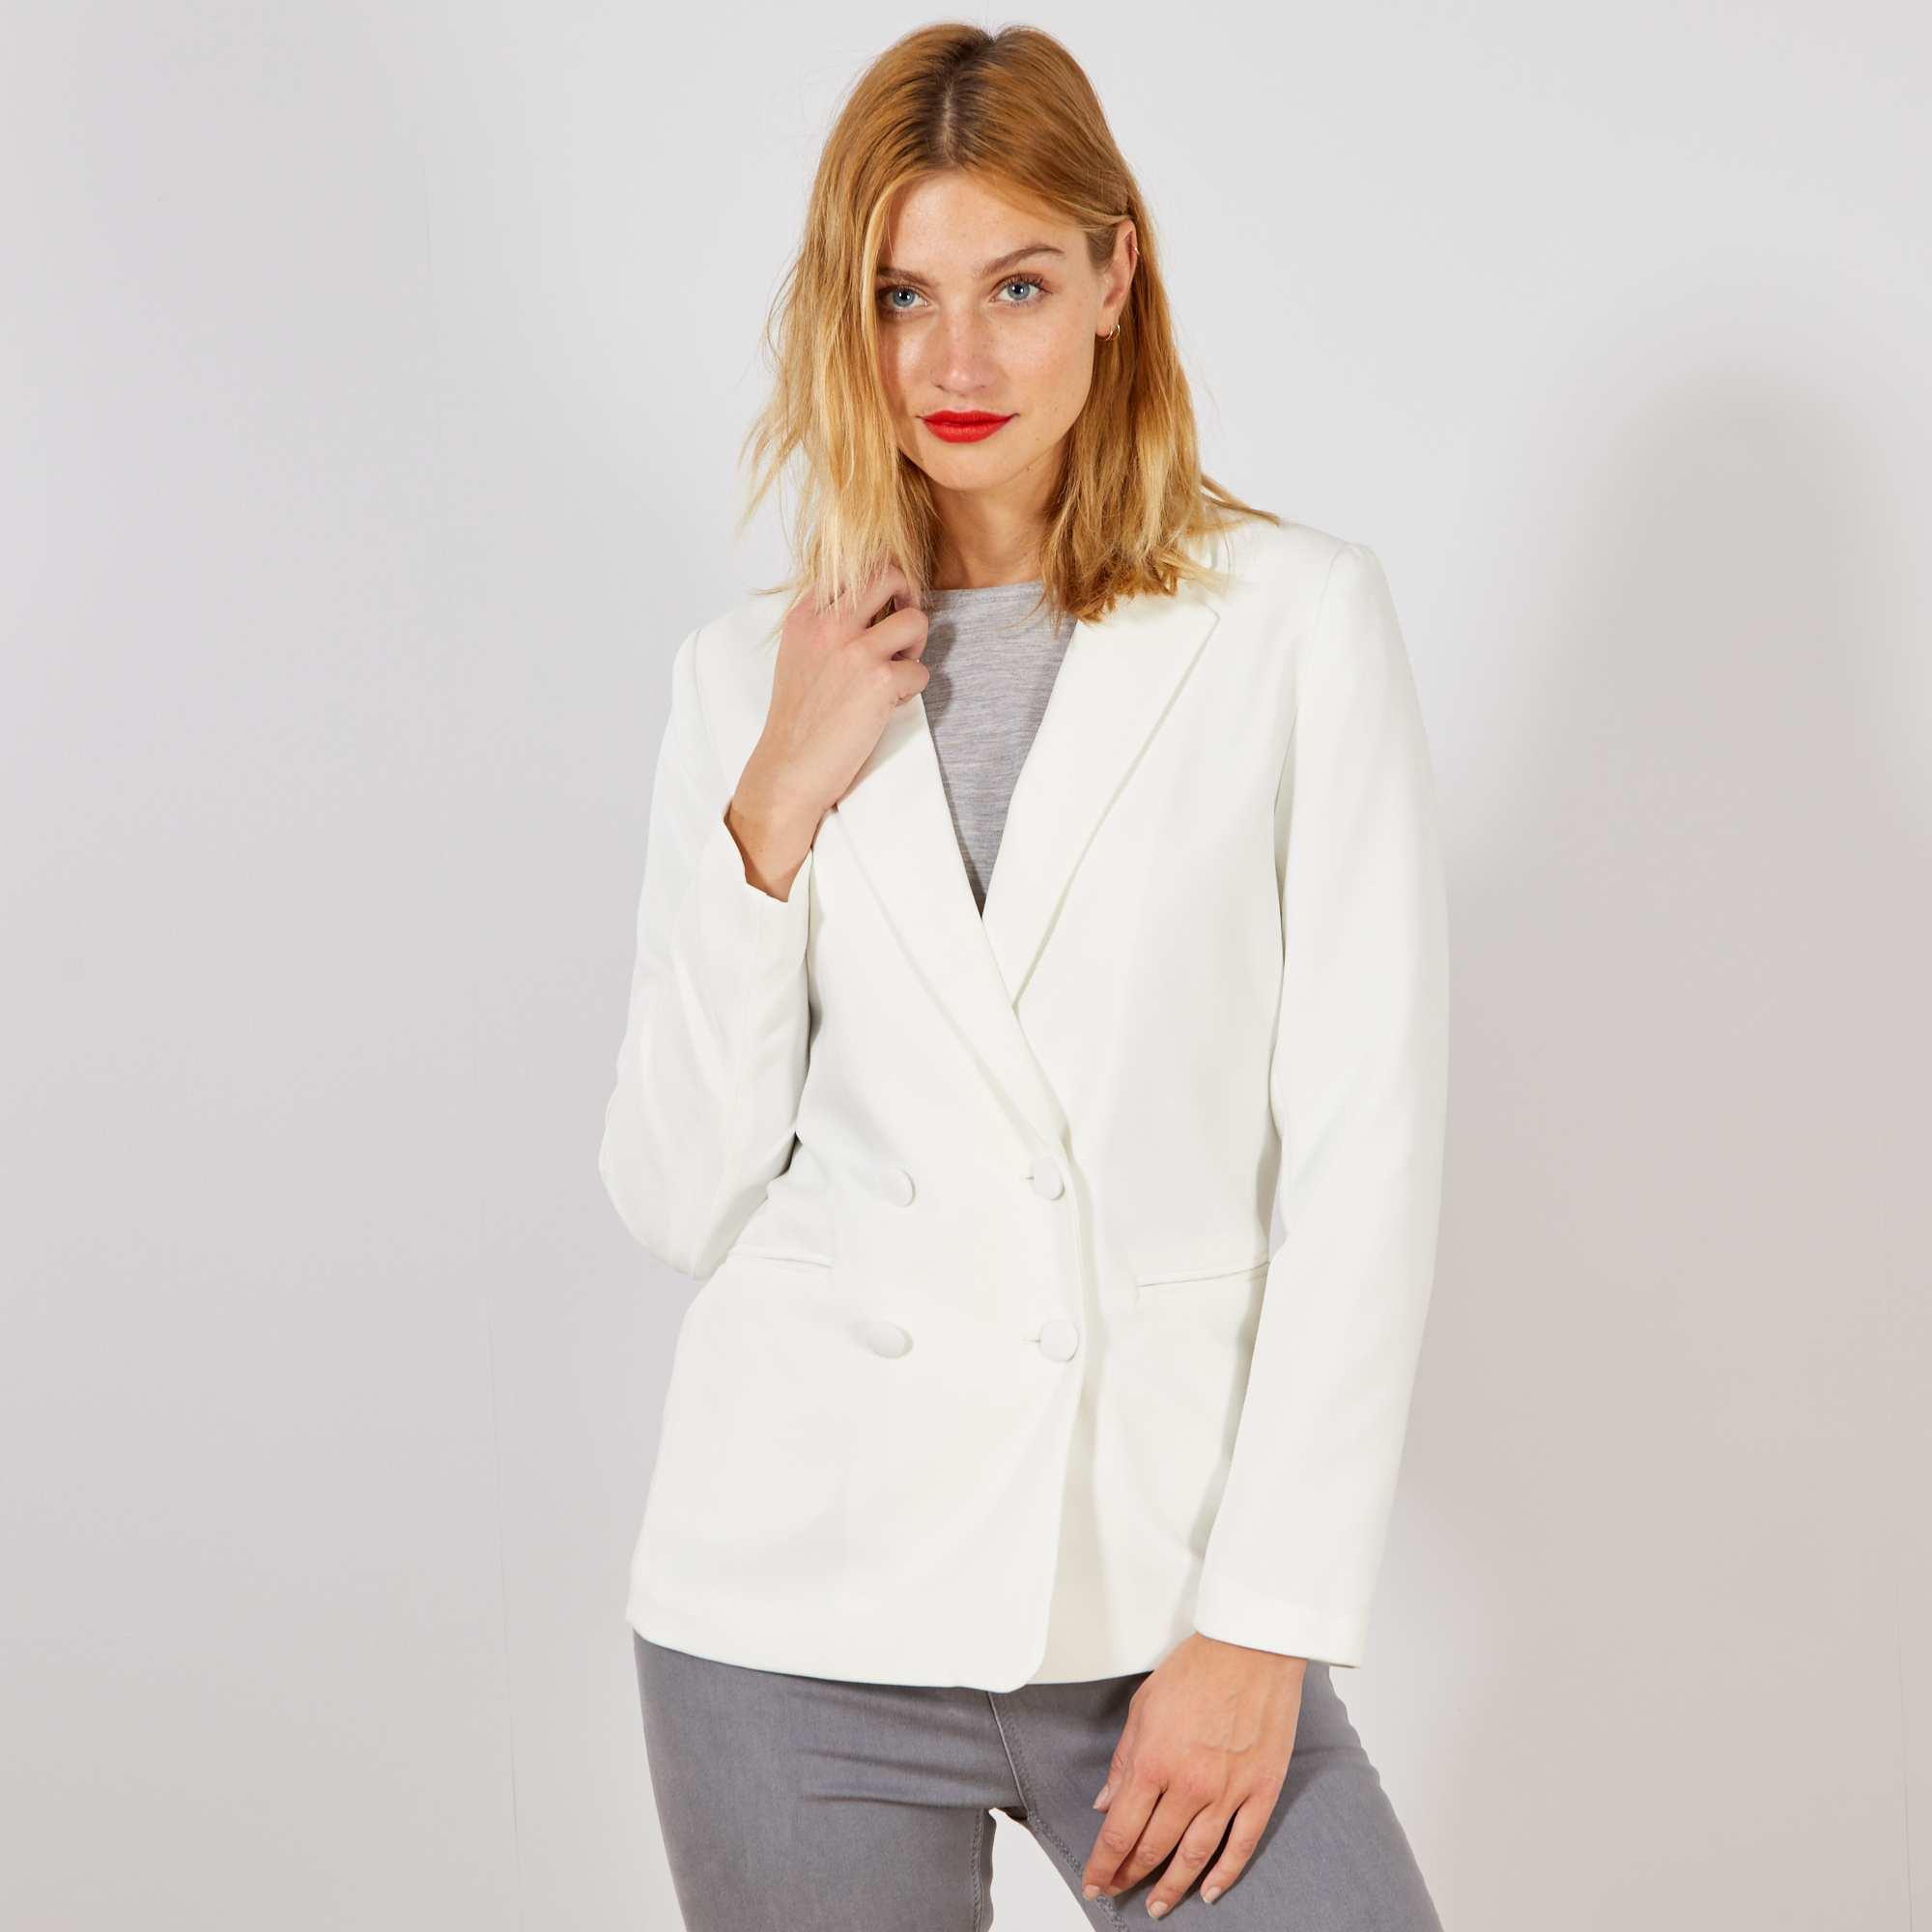 345d8a23e7c Veste blazer double boutonnage Femme - blanc - Kiabi - 25